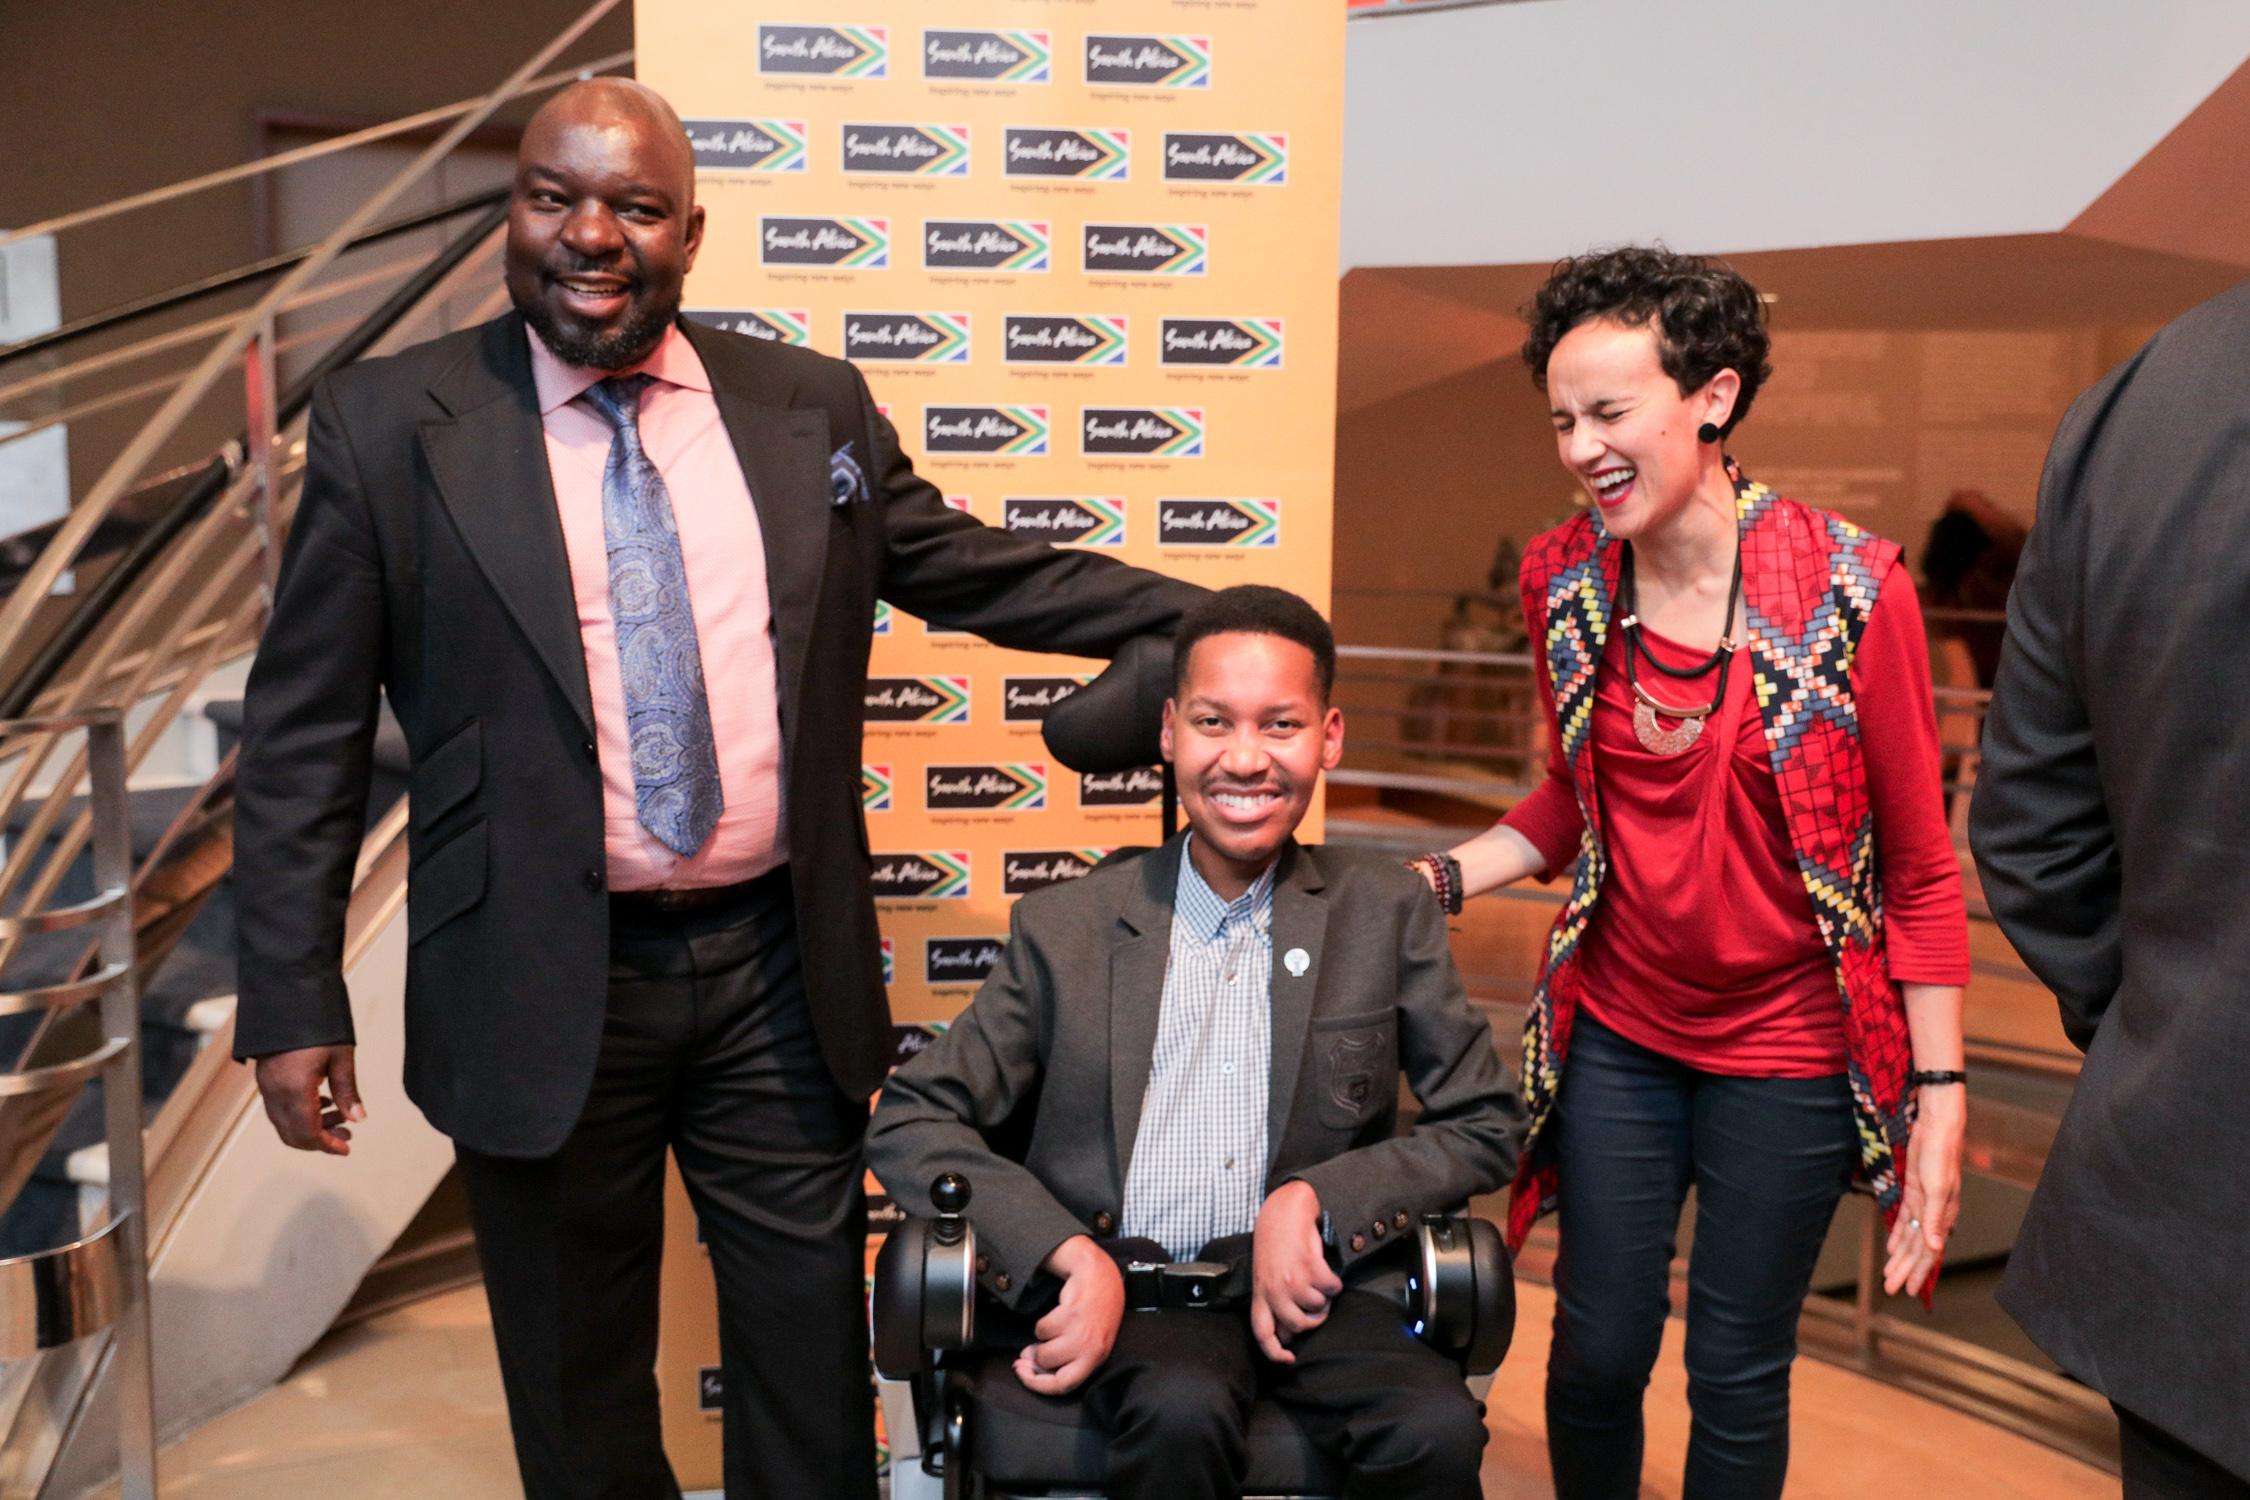 Mr Edward Ndopu with Mr. Baloyi Mudunwazi and Ms Judith of Brand South Africa